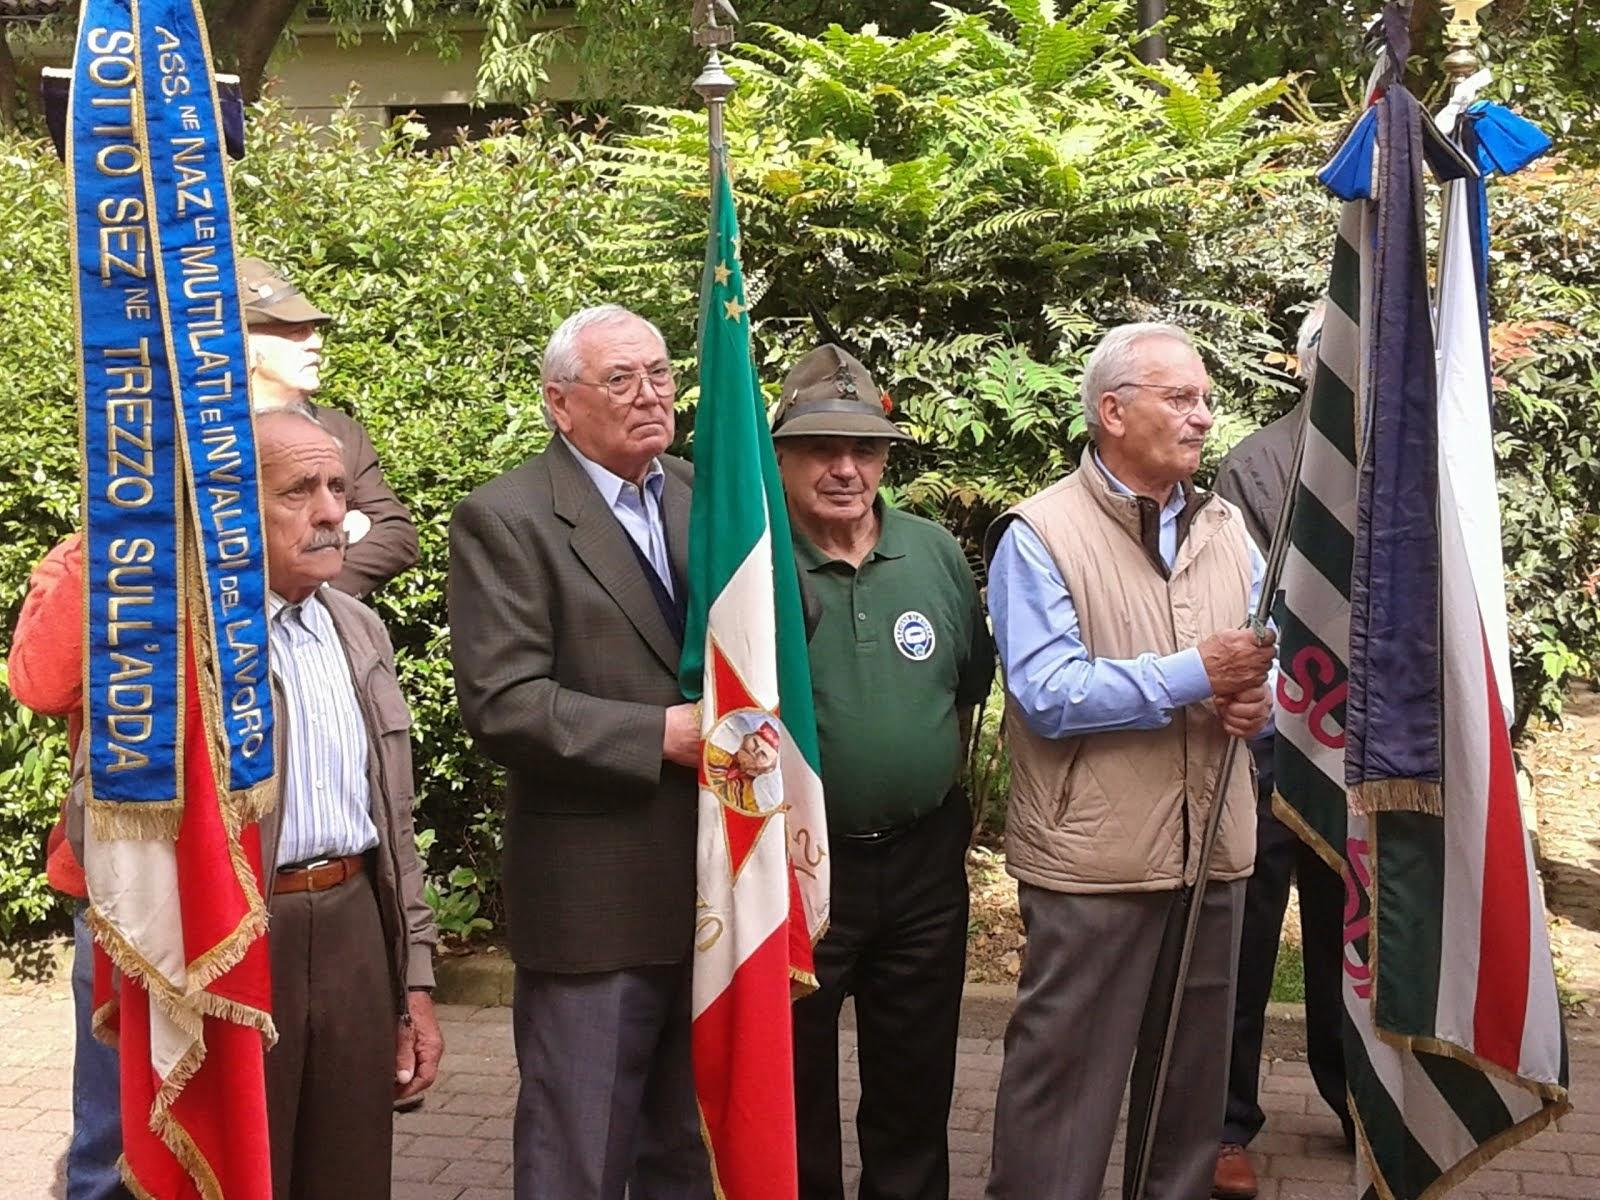 25 aprile 2014 - Trezzo sull'Adda 69° Anniversario della Liberazione